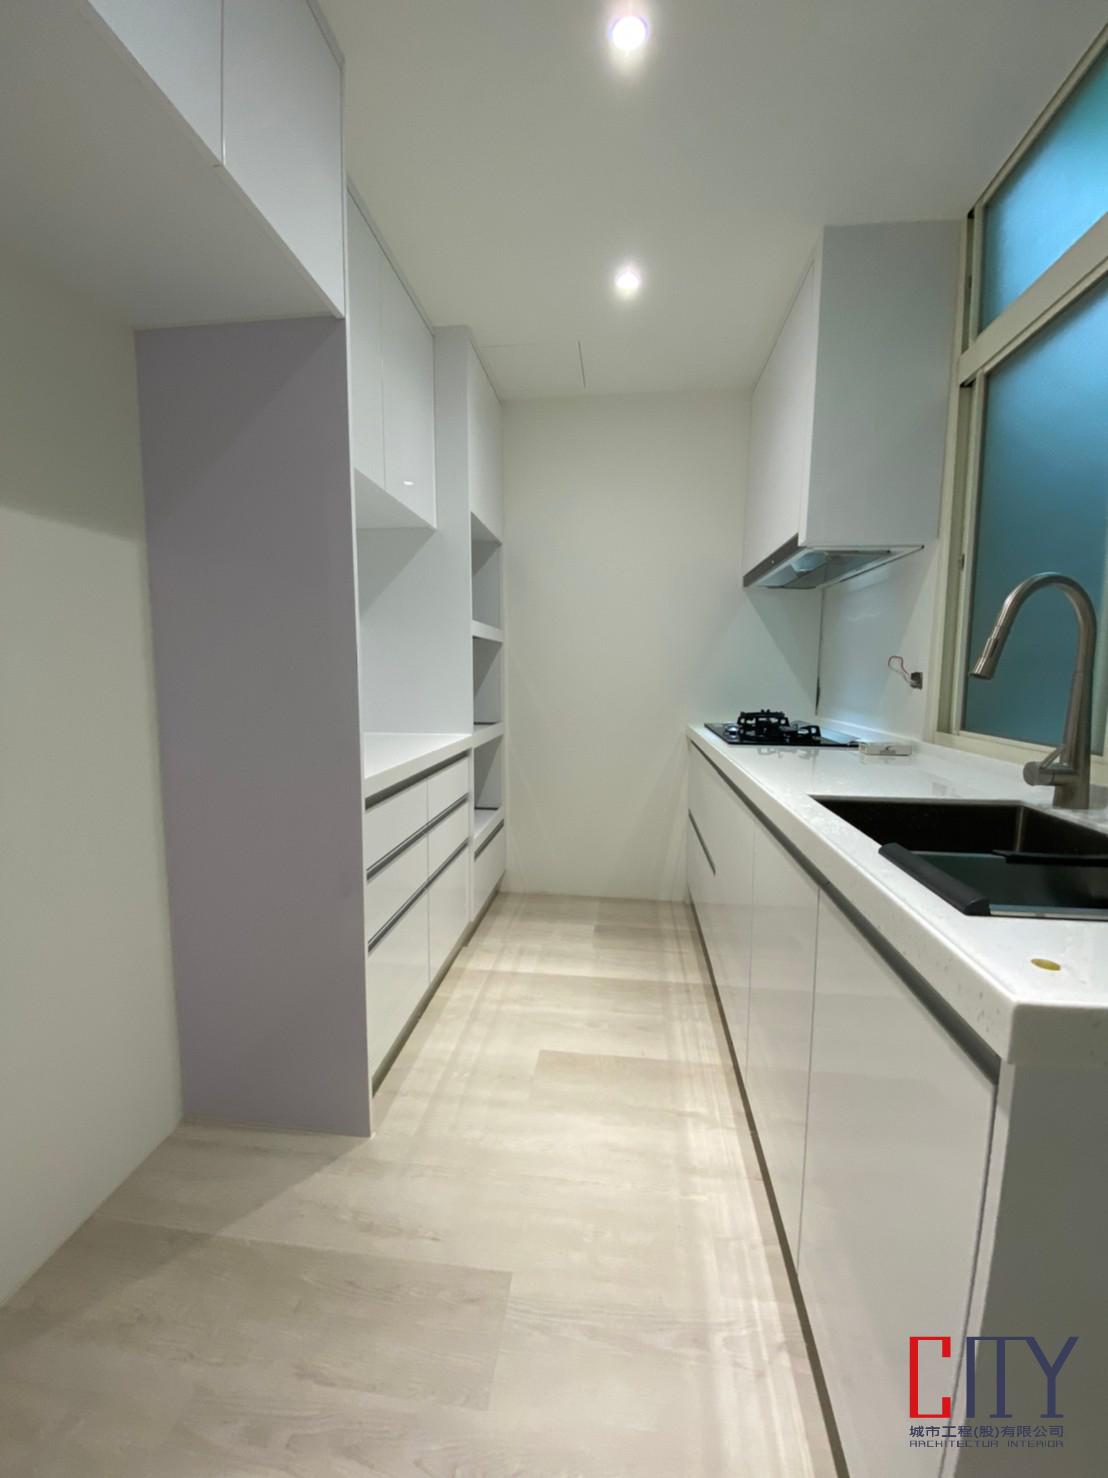 室內設計,室內裝修,住宅裝修,新成屋規劃,老屋翻新,新成屋客便